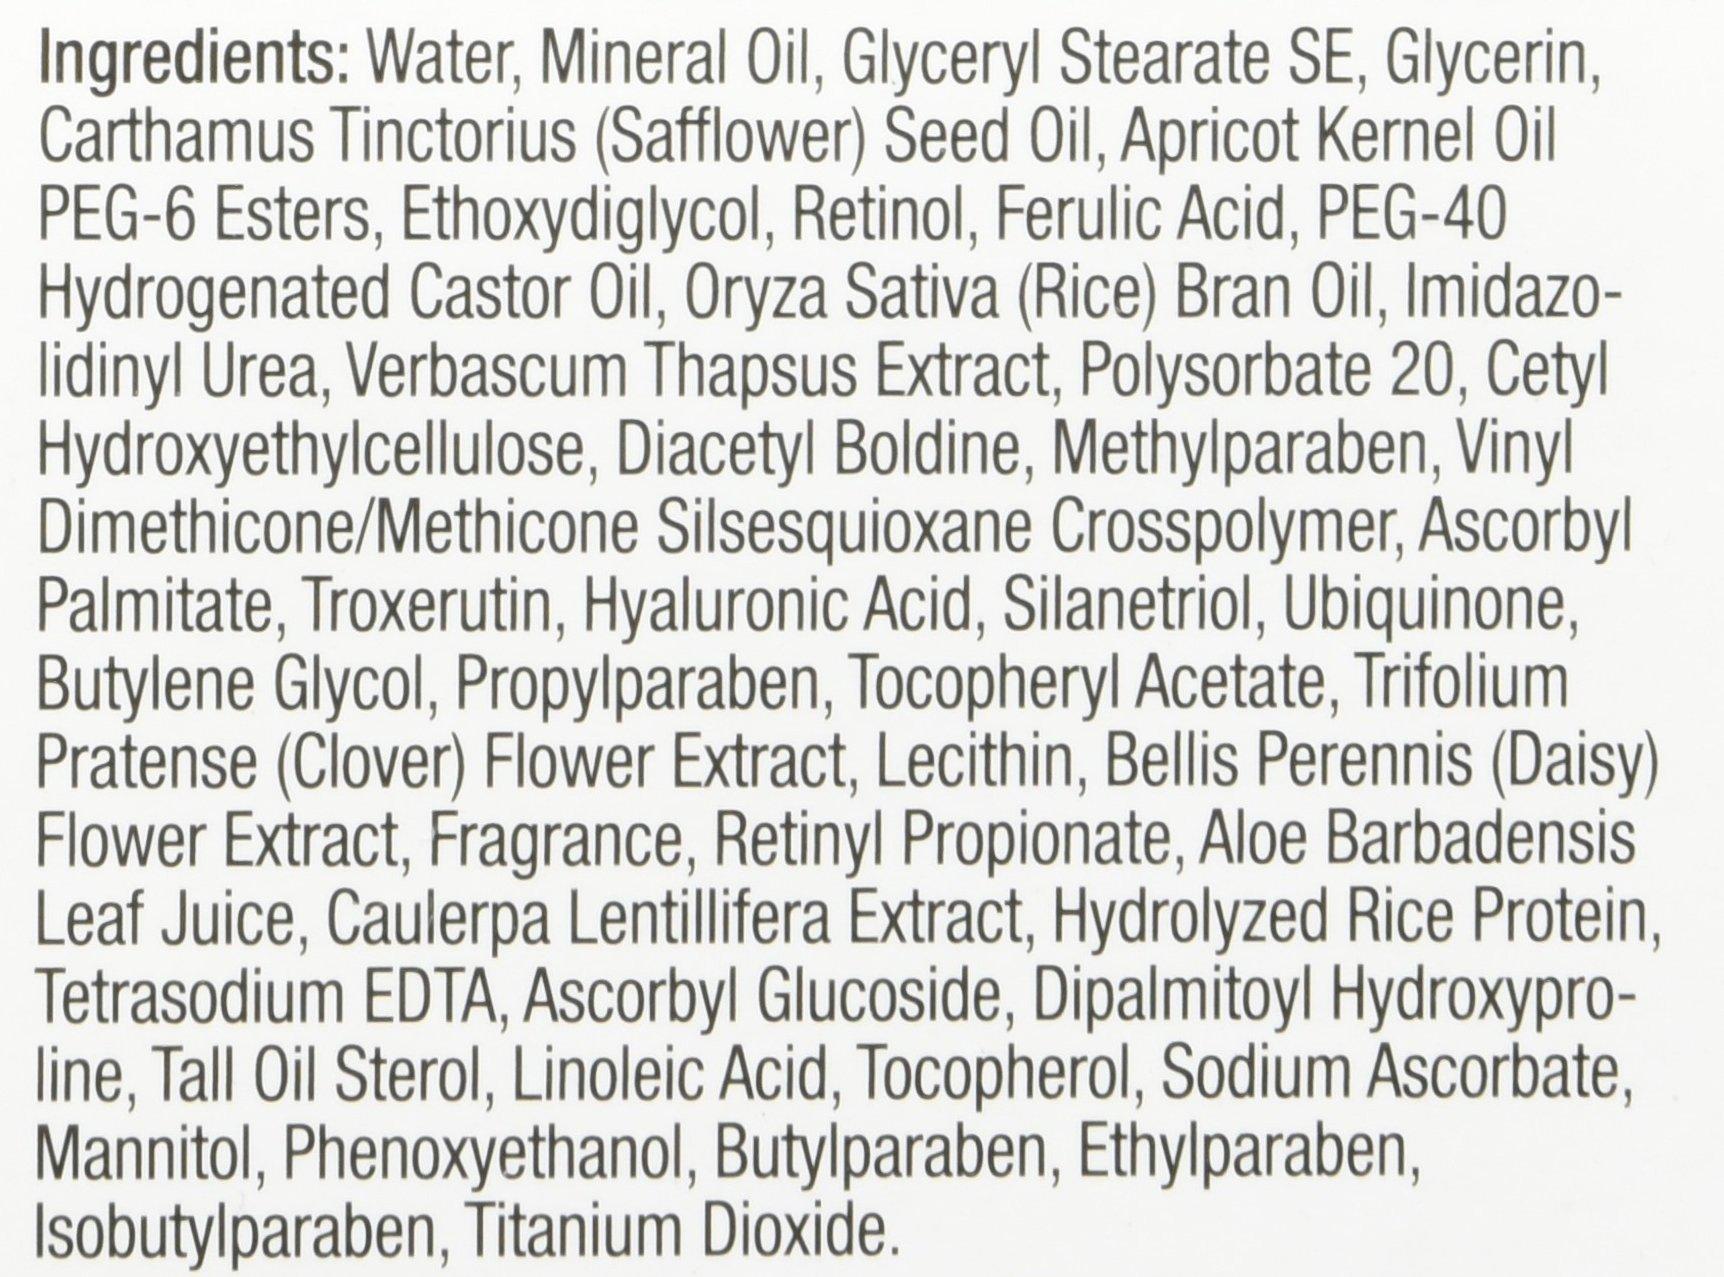 Rejuvicare Retinol Pro Vitamin A Age Defying Complex, 1 Ounce by Rejuvicare